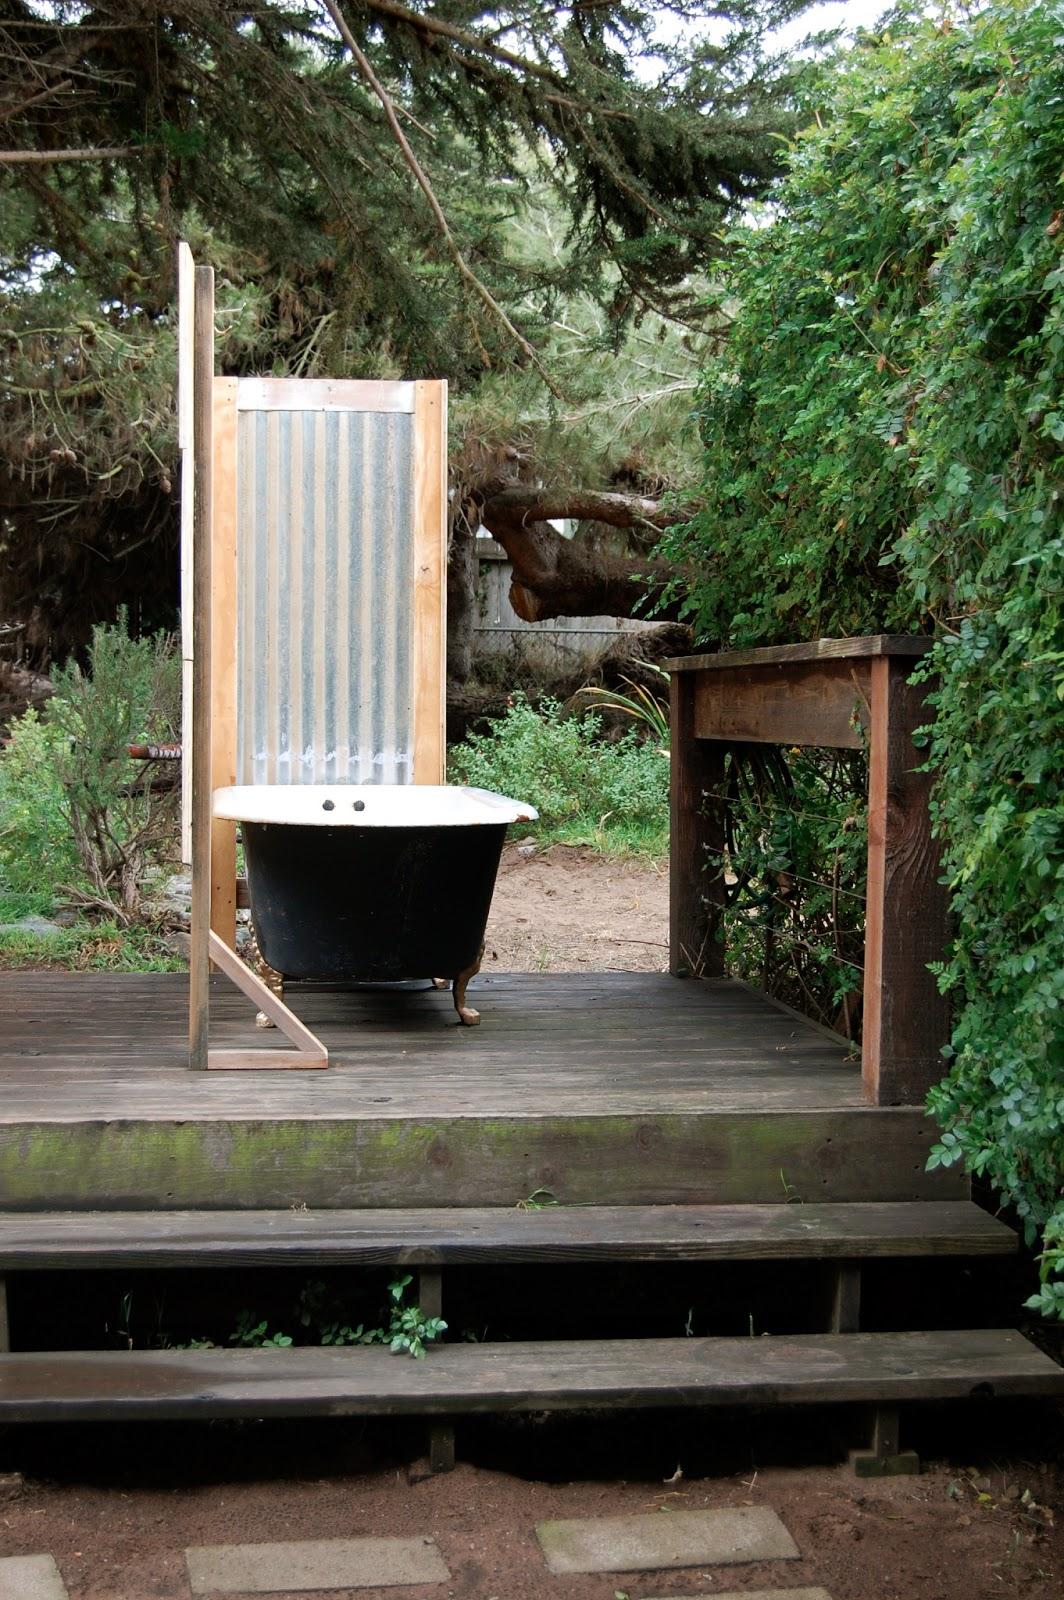 Diy Outdoor Bath: Book Movie Nerd: Private Outdoor BATHtub DIY Style